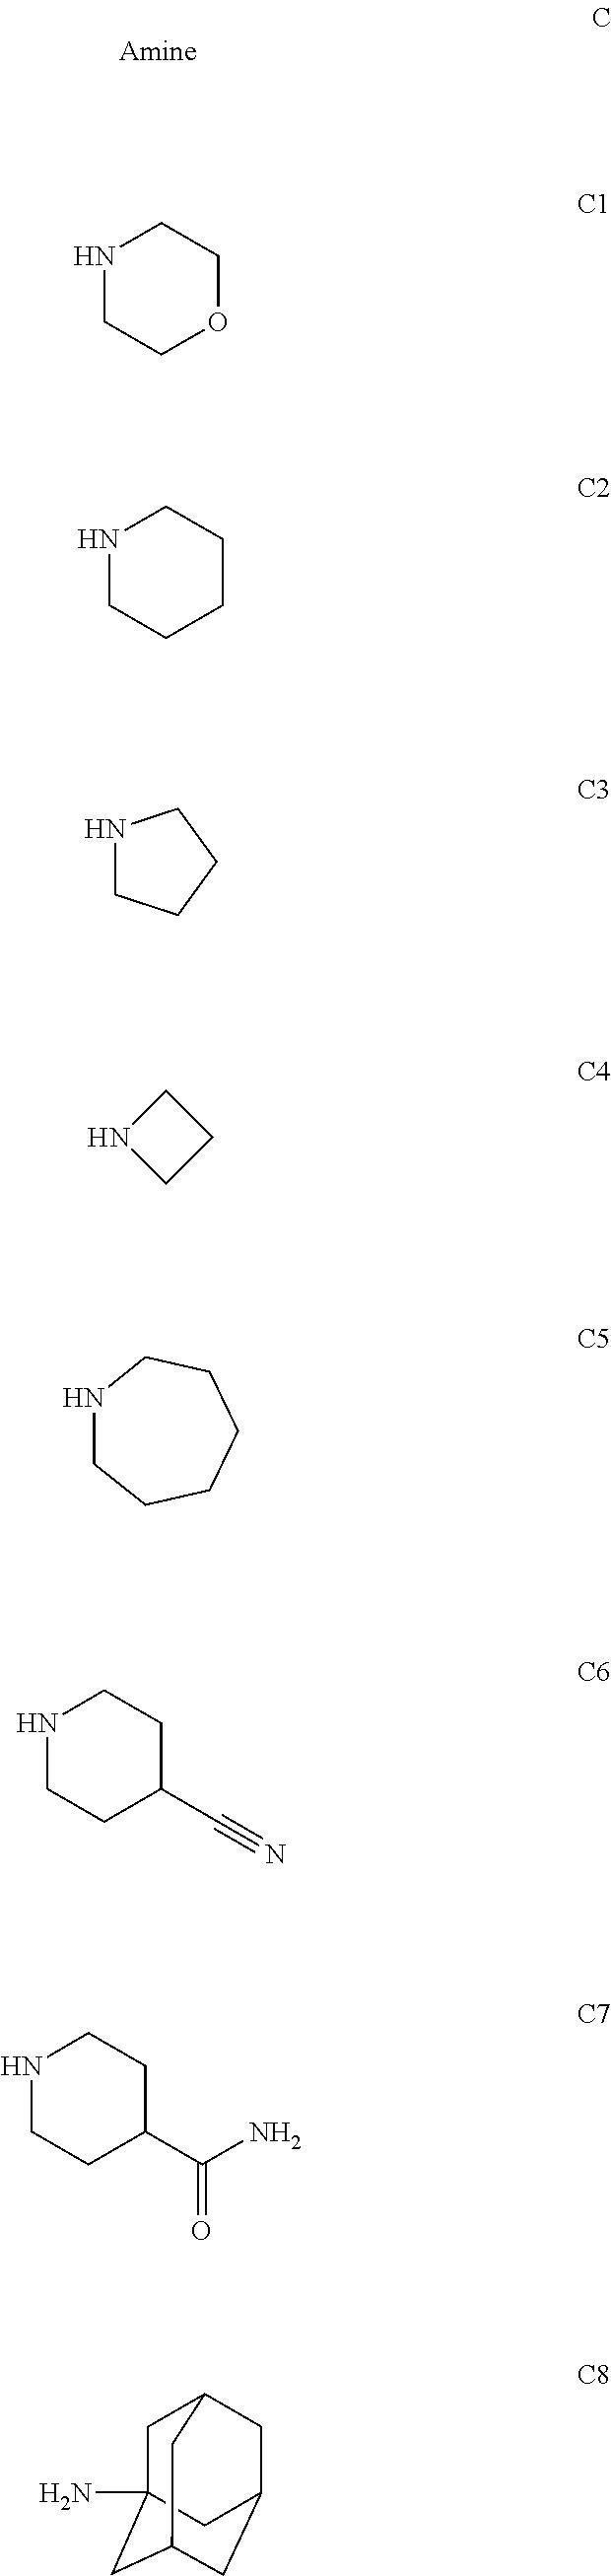 Figure US09840466-20171212-C00010